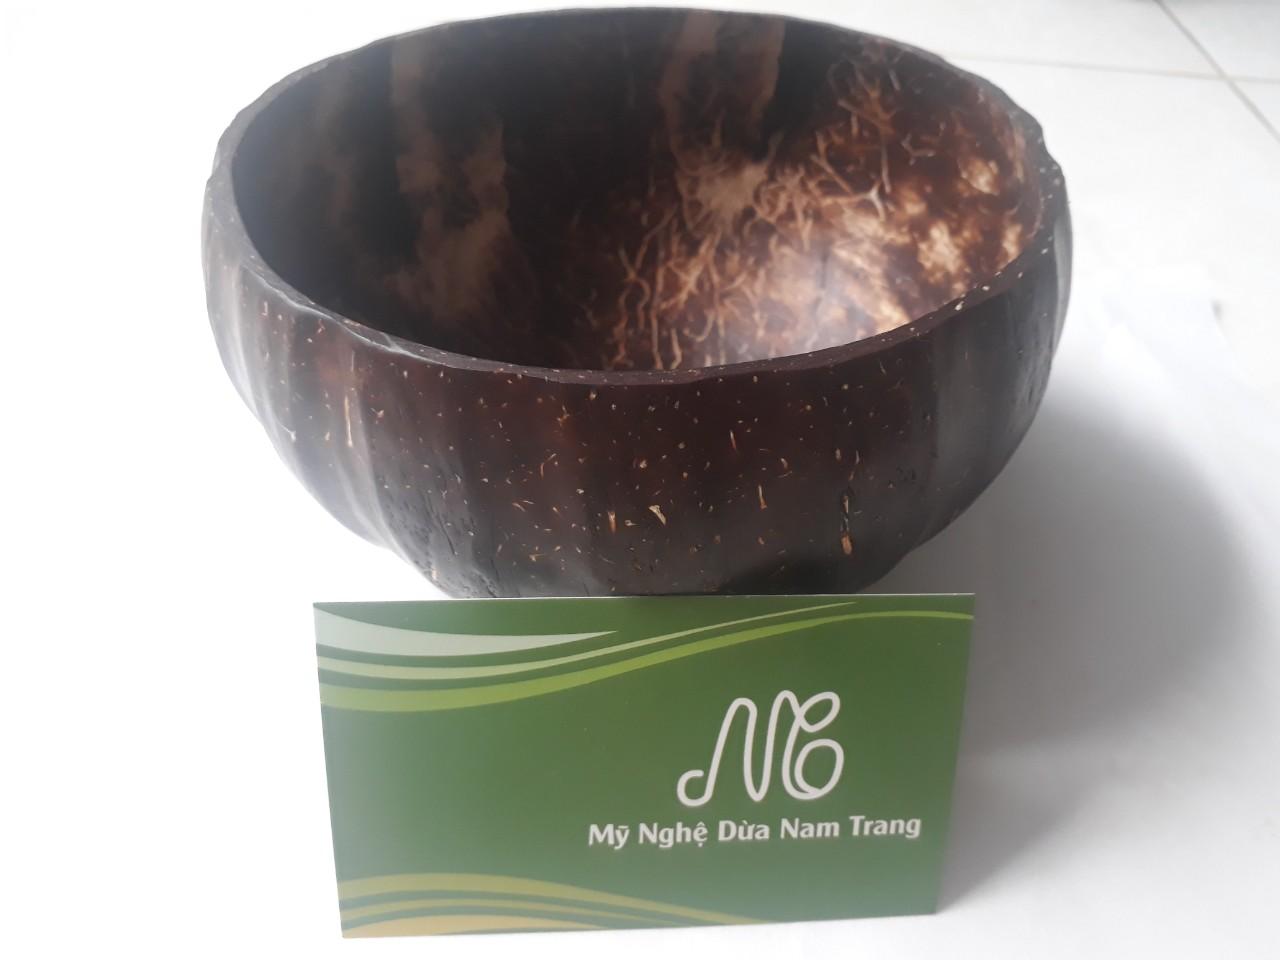 Tô gáo dừa trái bí - Mỹ Nghệ Dừa Nam Trang